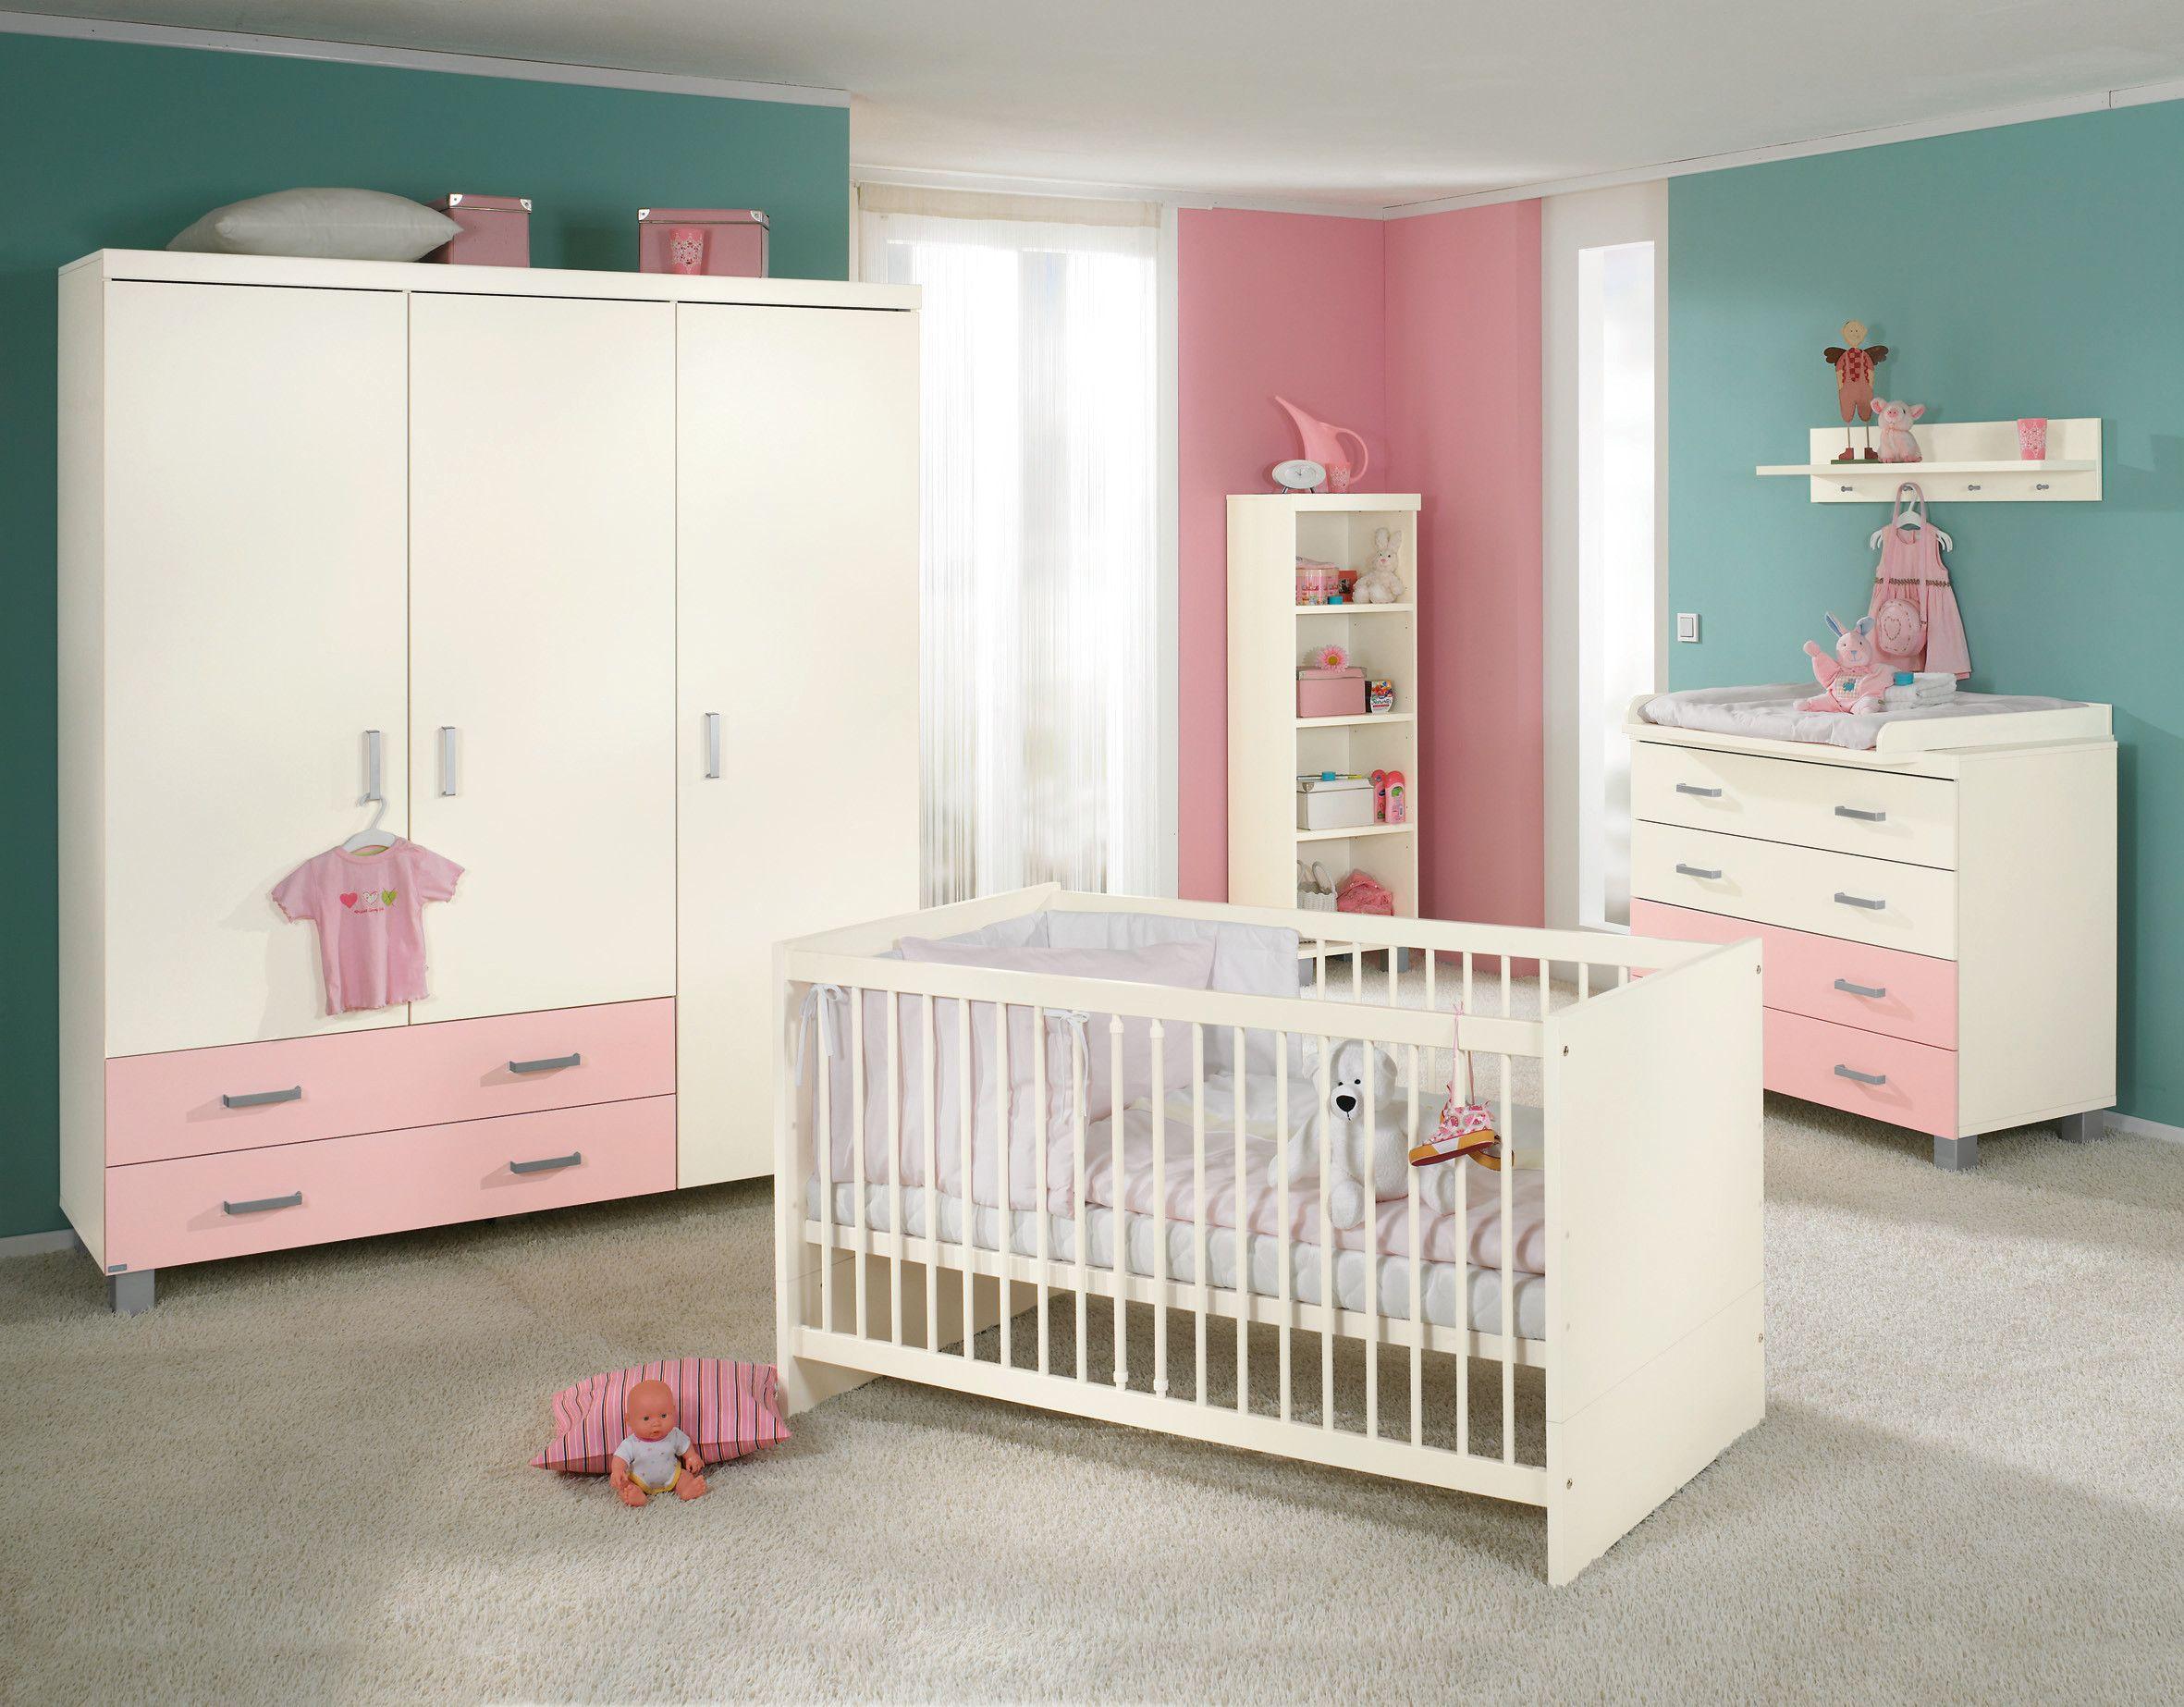 Nice PAIDI BIANCOMO Mehr Design im Kinderzimmer PAIDI Kinderwelten